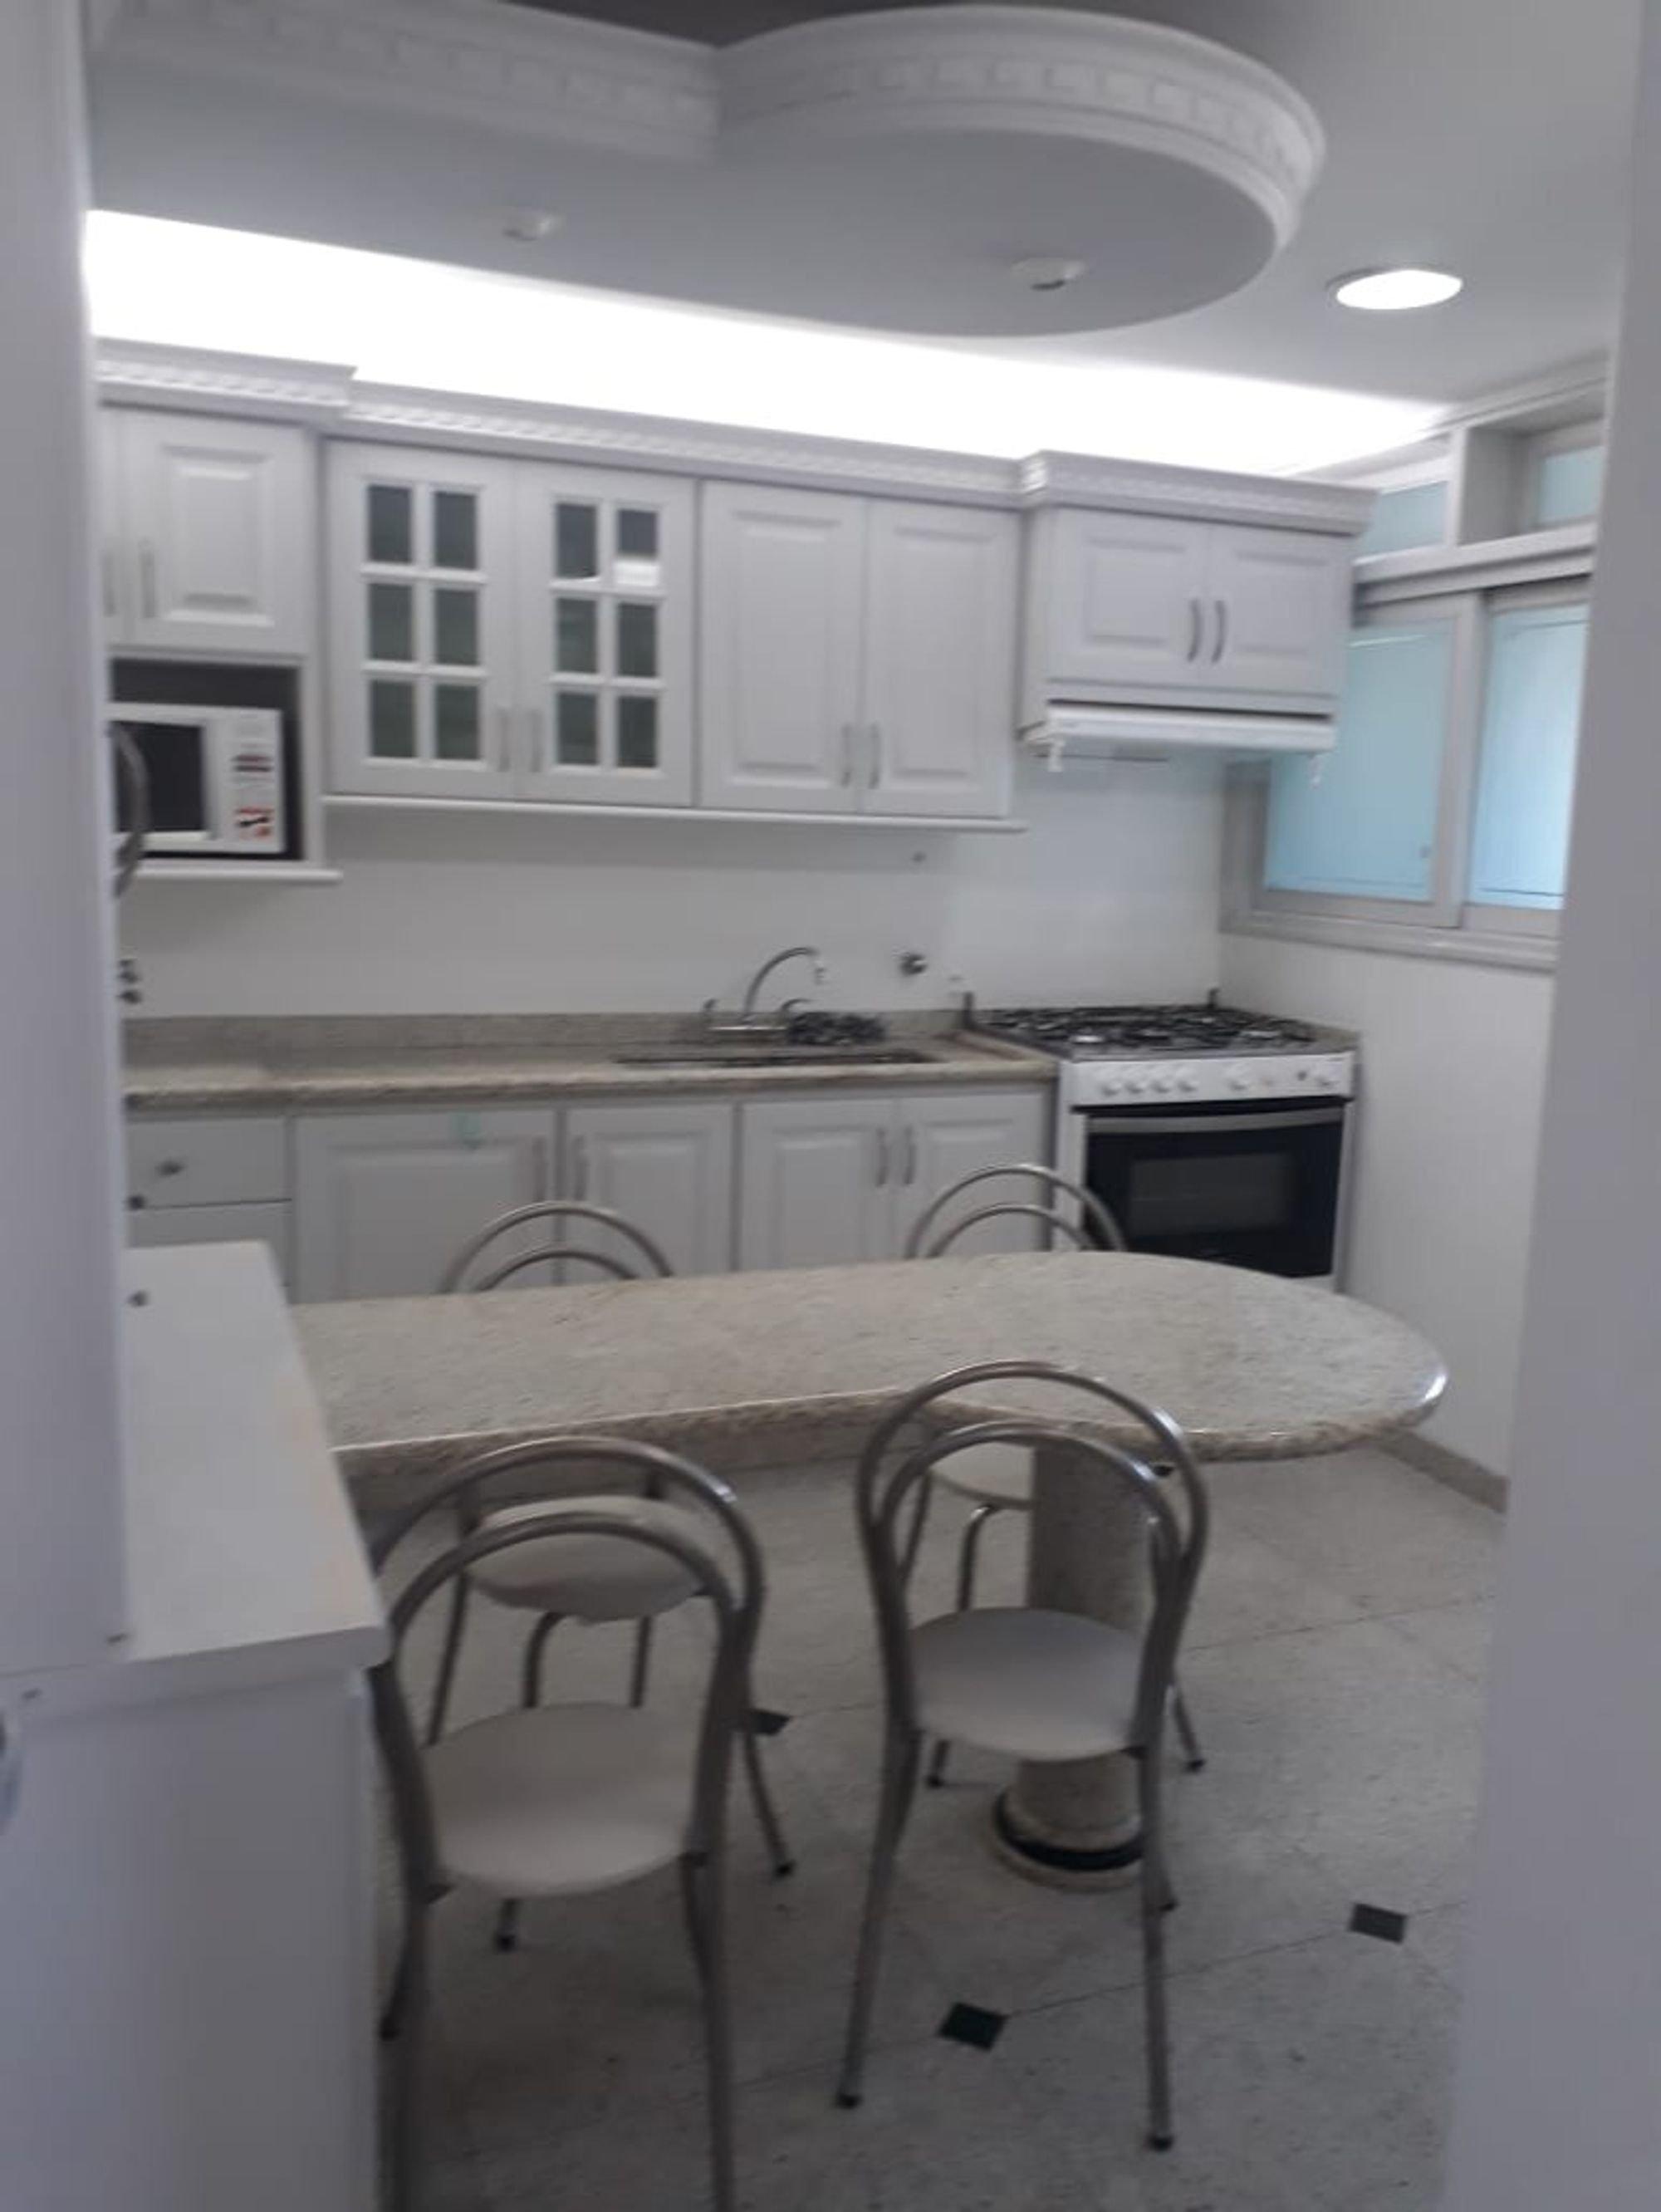 Foto de Cozinha com forno, cadeira, pia, microondas, mesa de jantar